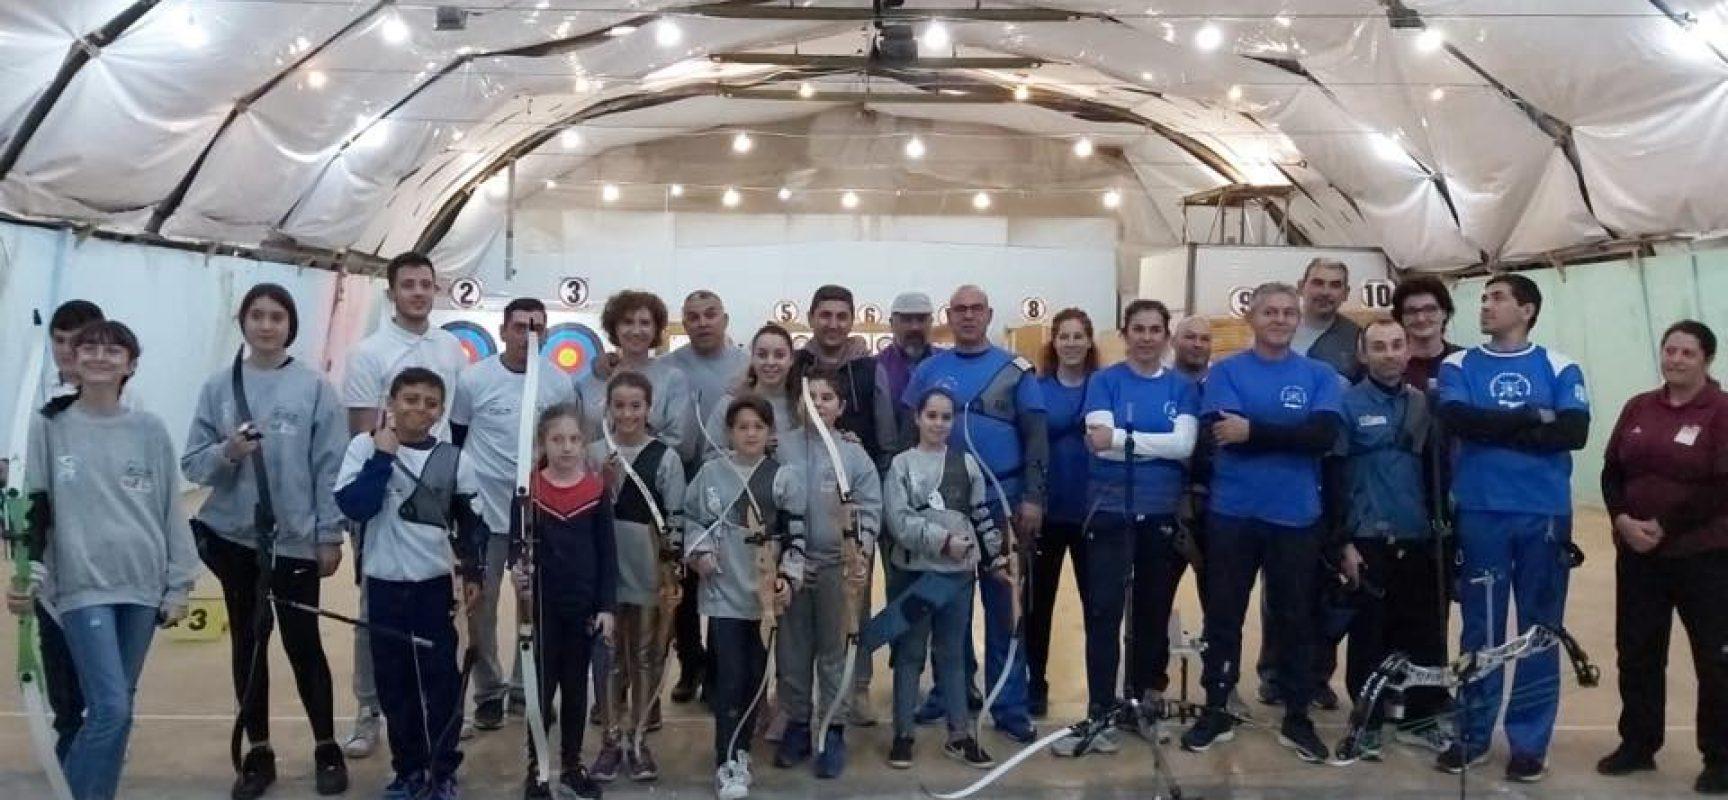 Ο Λευτέρης Αυγενάκης στους αγώνες τοξοβολίας στην Κρήτη